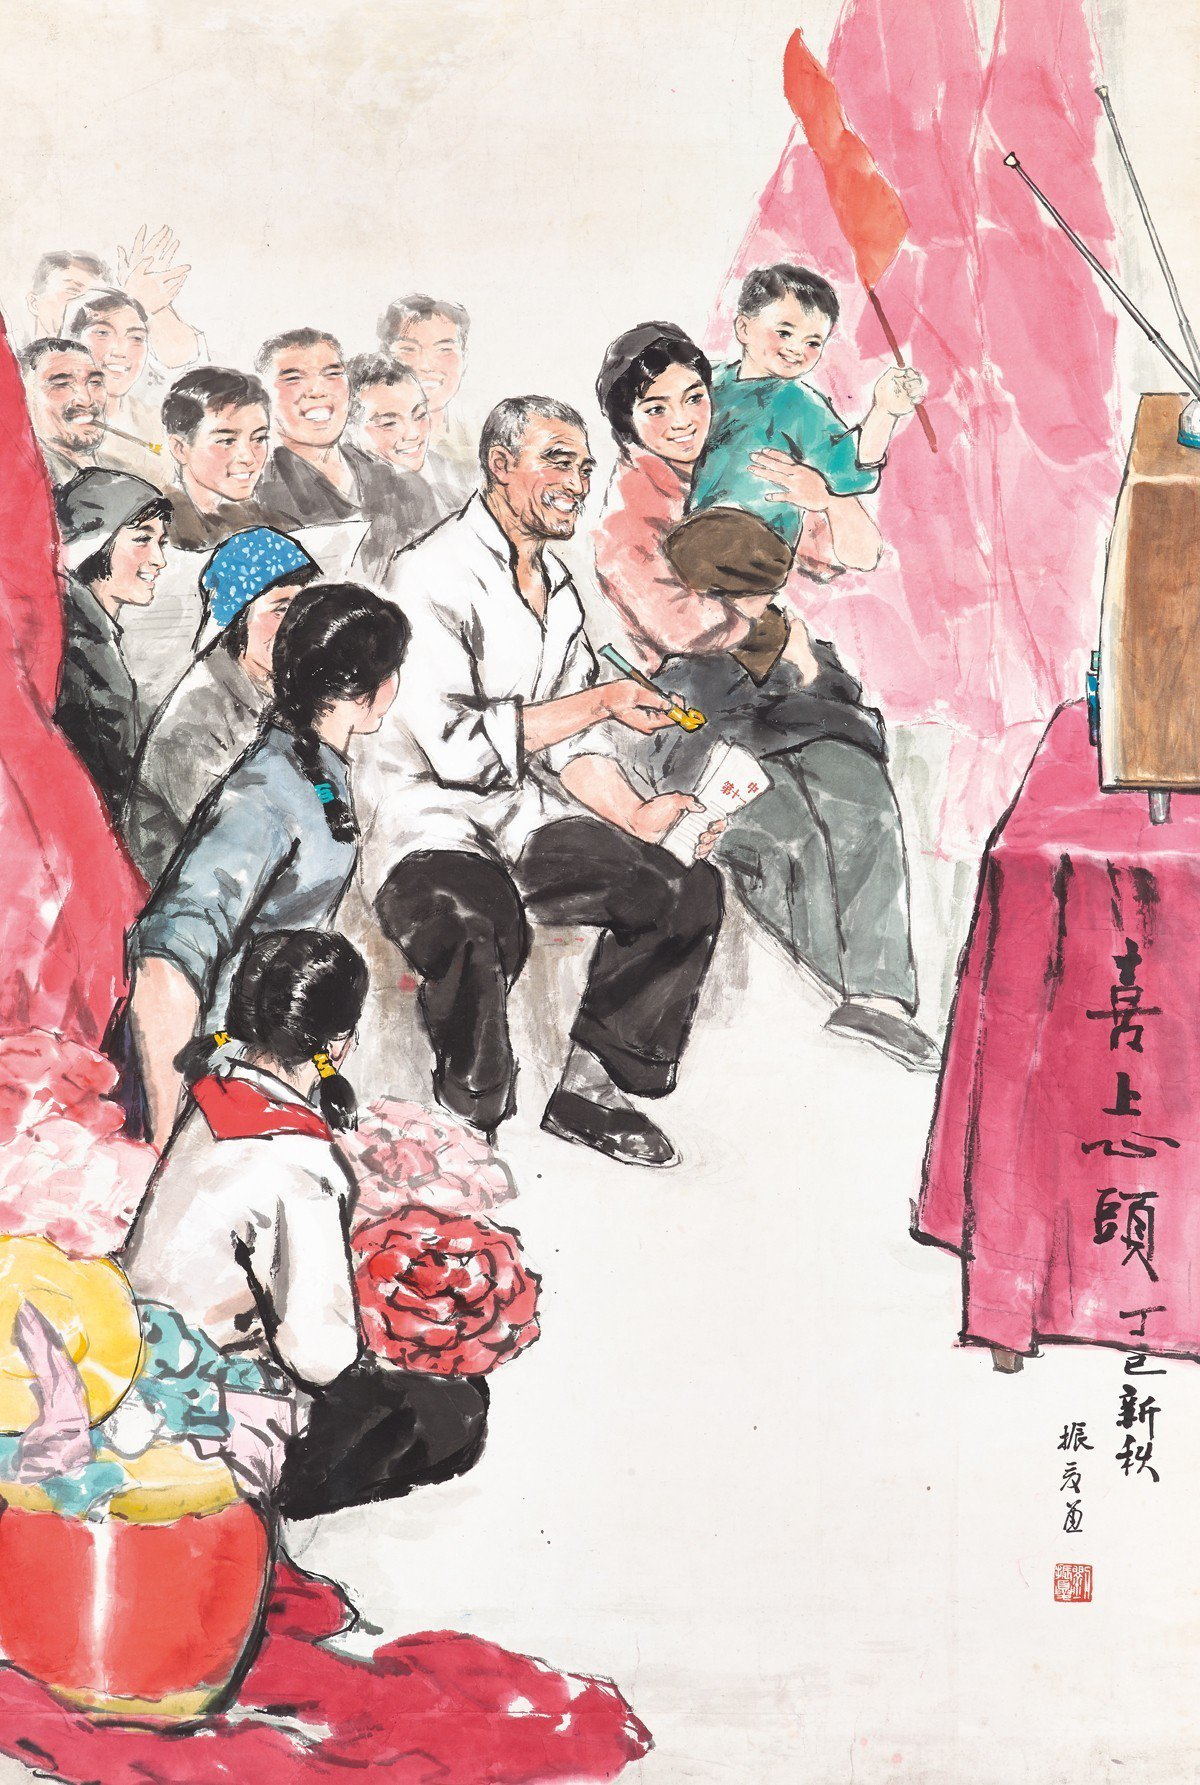 劉振夏 喜上心頭 1977 144x97cm 香港蘇富比 2018/4/...